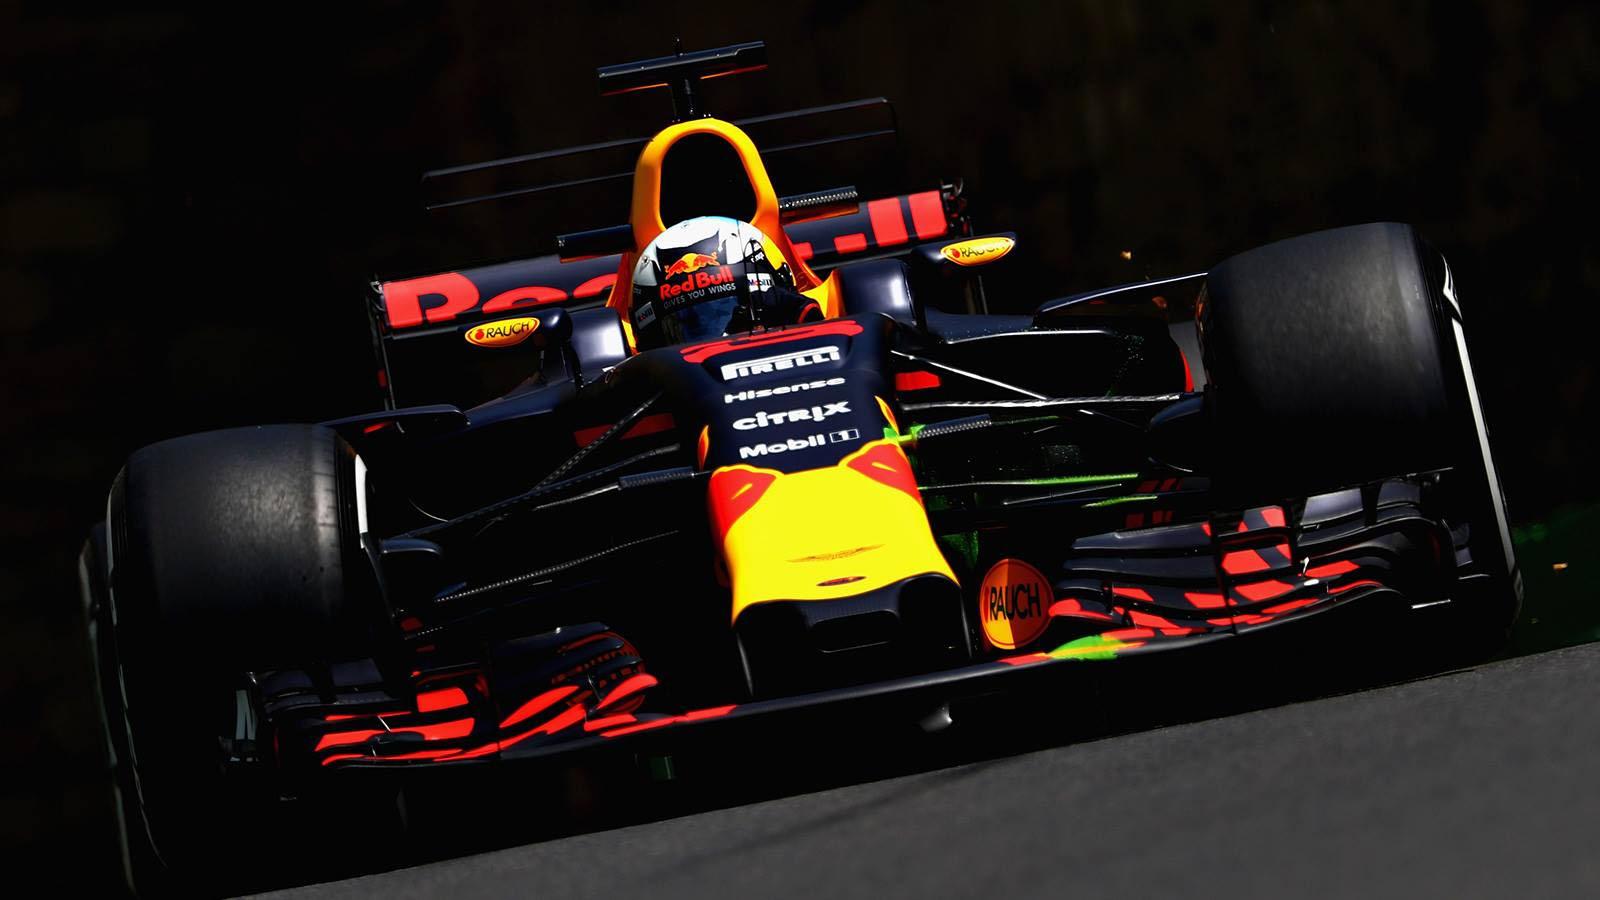 © RedBull Racing